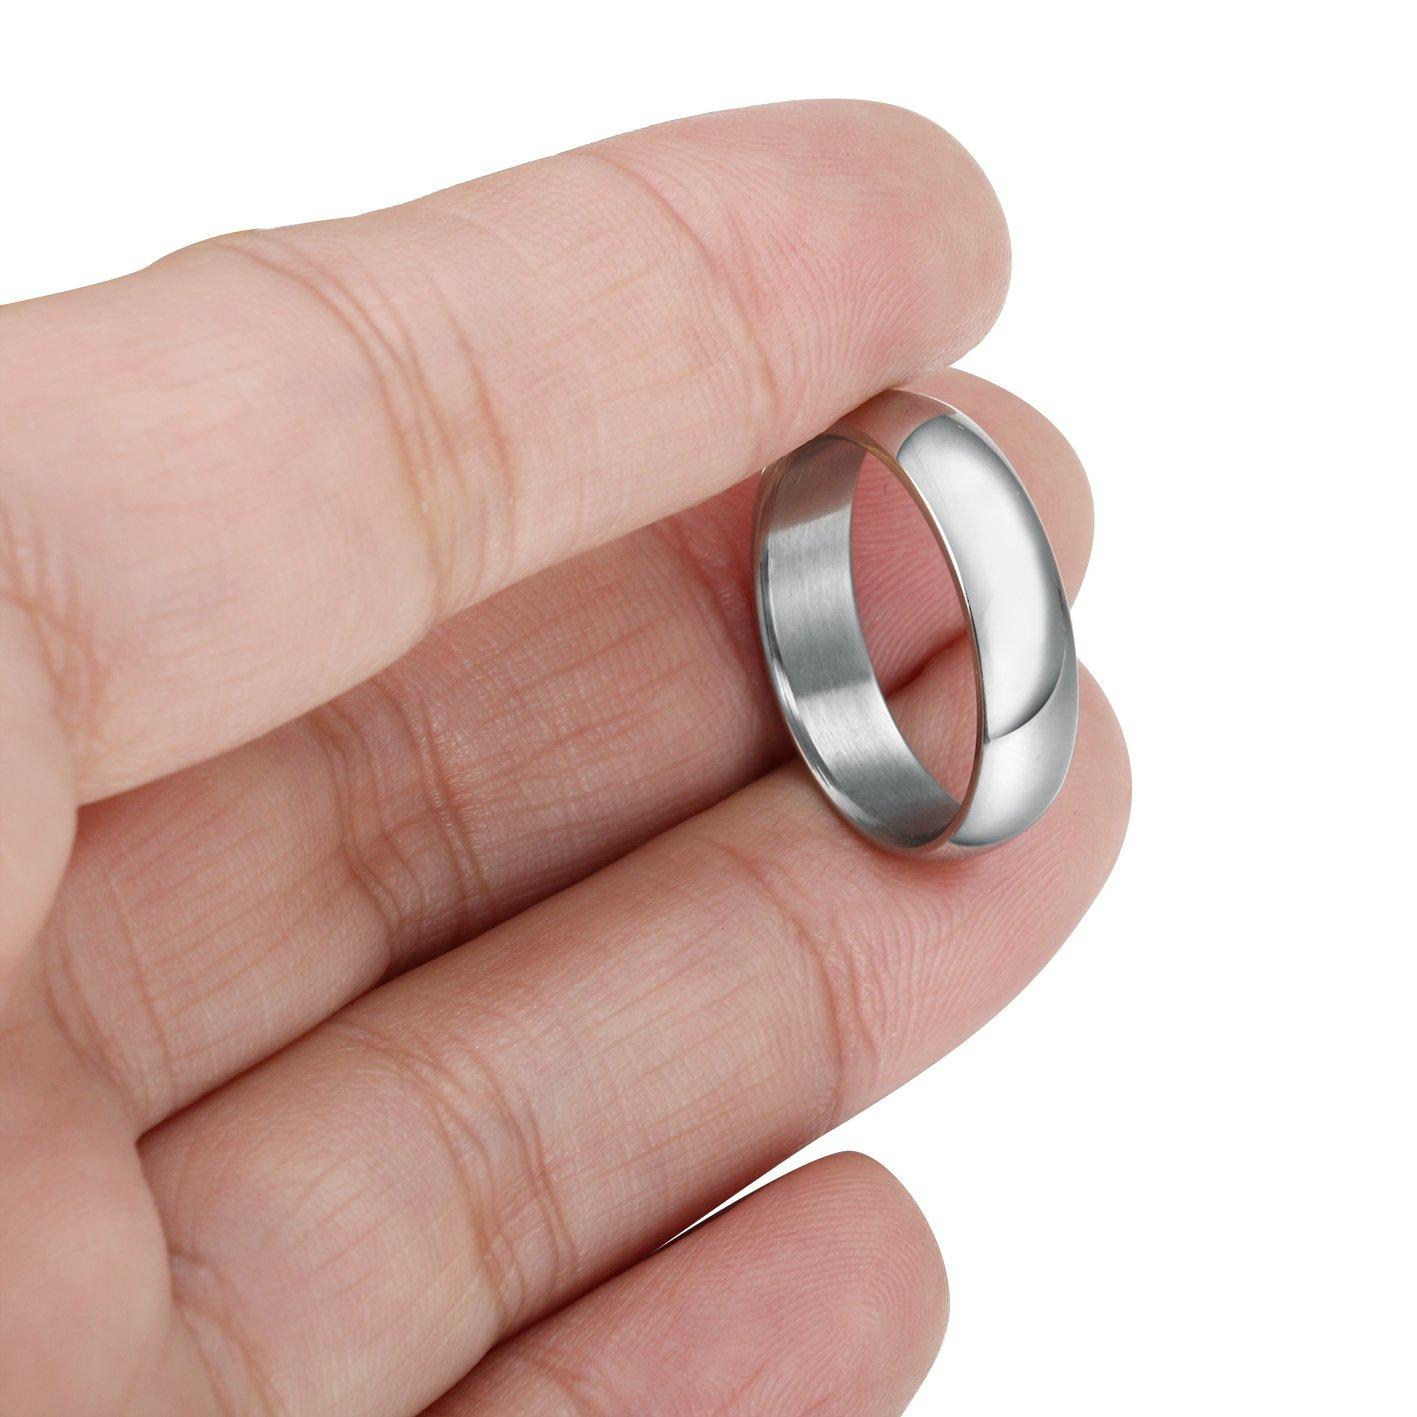 Besteel 5MM Wedding Band Ring for Men Women Promise Engagement Ring ...